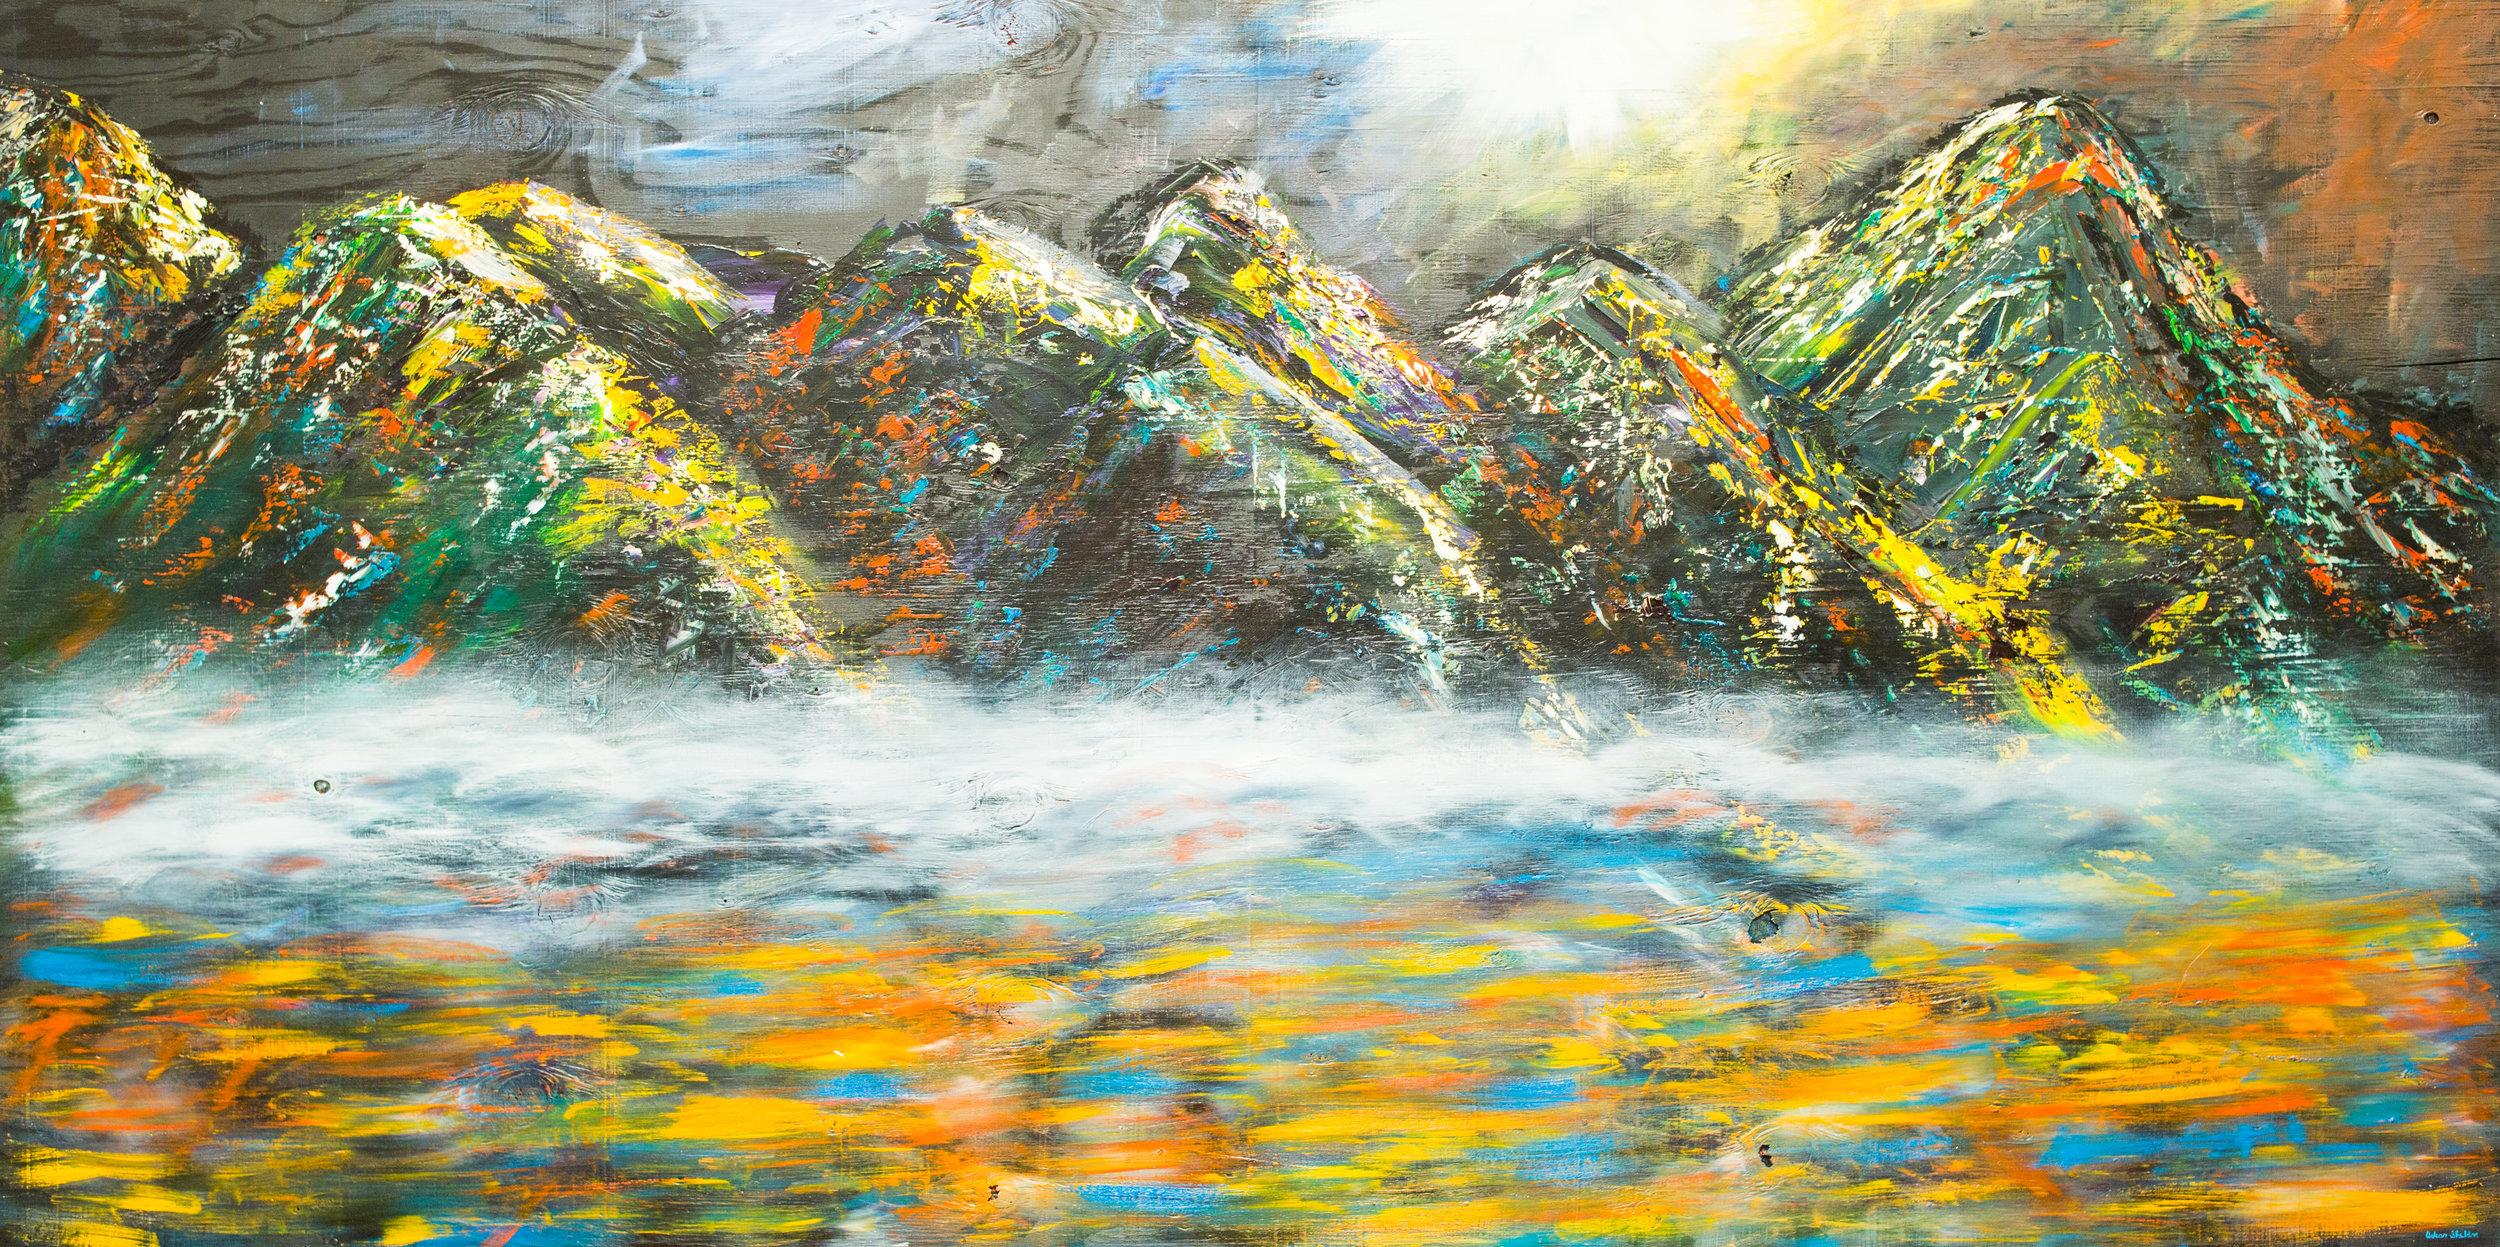 Oscar Sheldon is an oil painter based in Los Angeles.